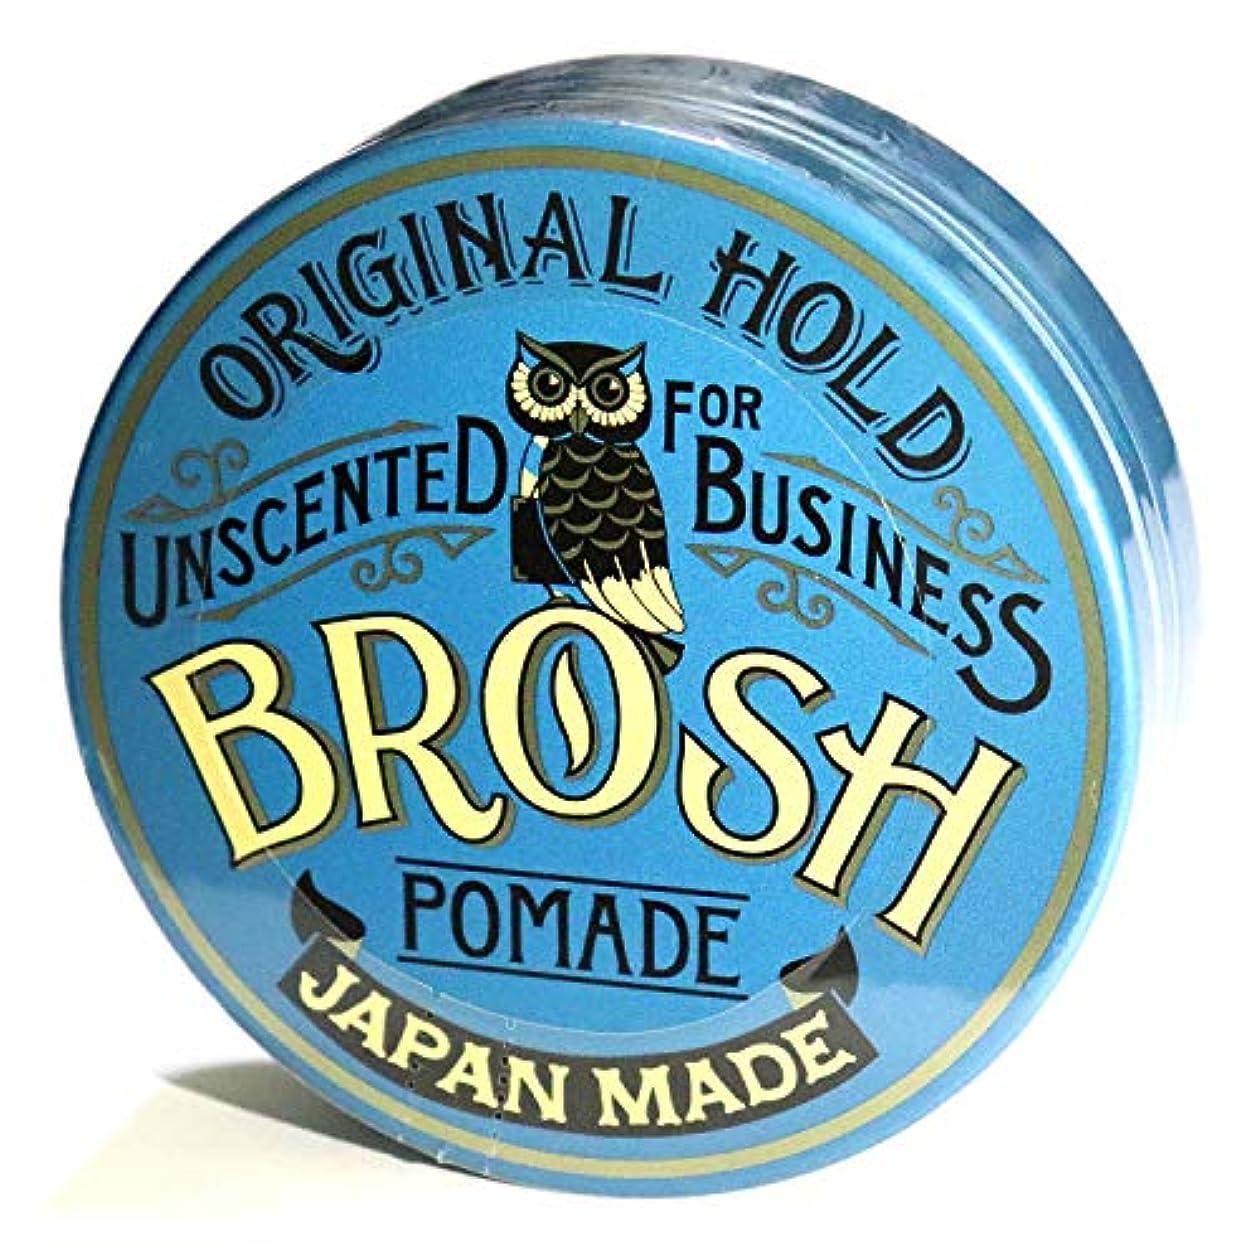 不透明な梨敏感なBROSH (ブロッシュ) BROSH POMADE UNSCENTED/BIZ 115g 水性ポマード 整髪料 無香料